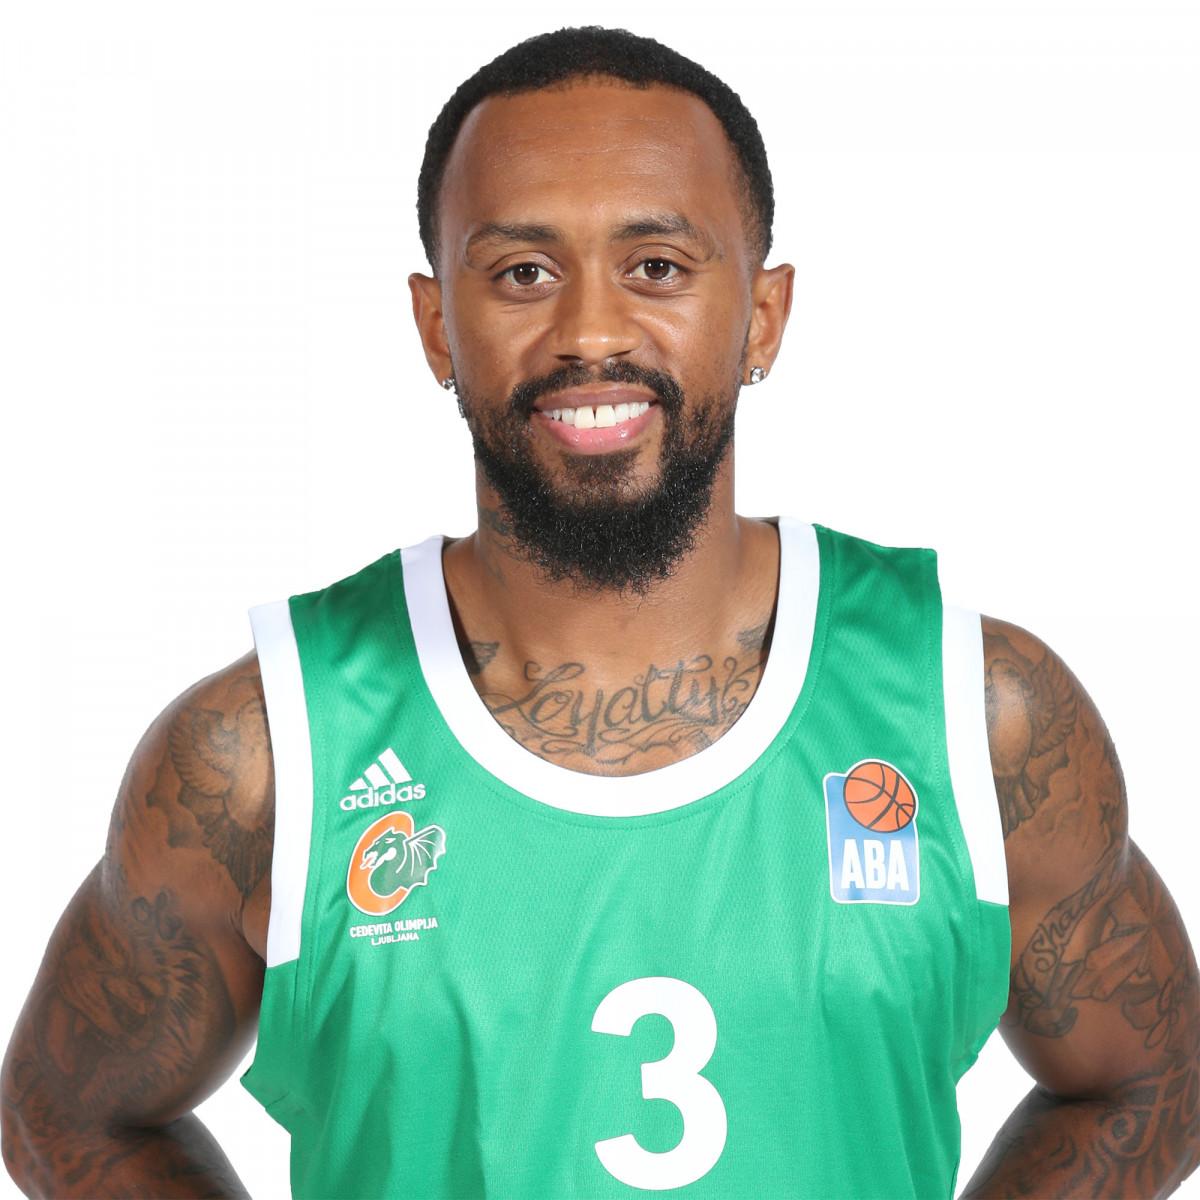 Photo of Ryan Boatright, 2019-2020 season